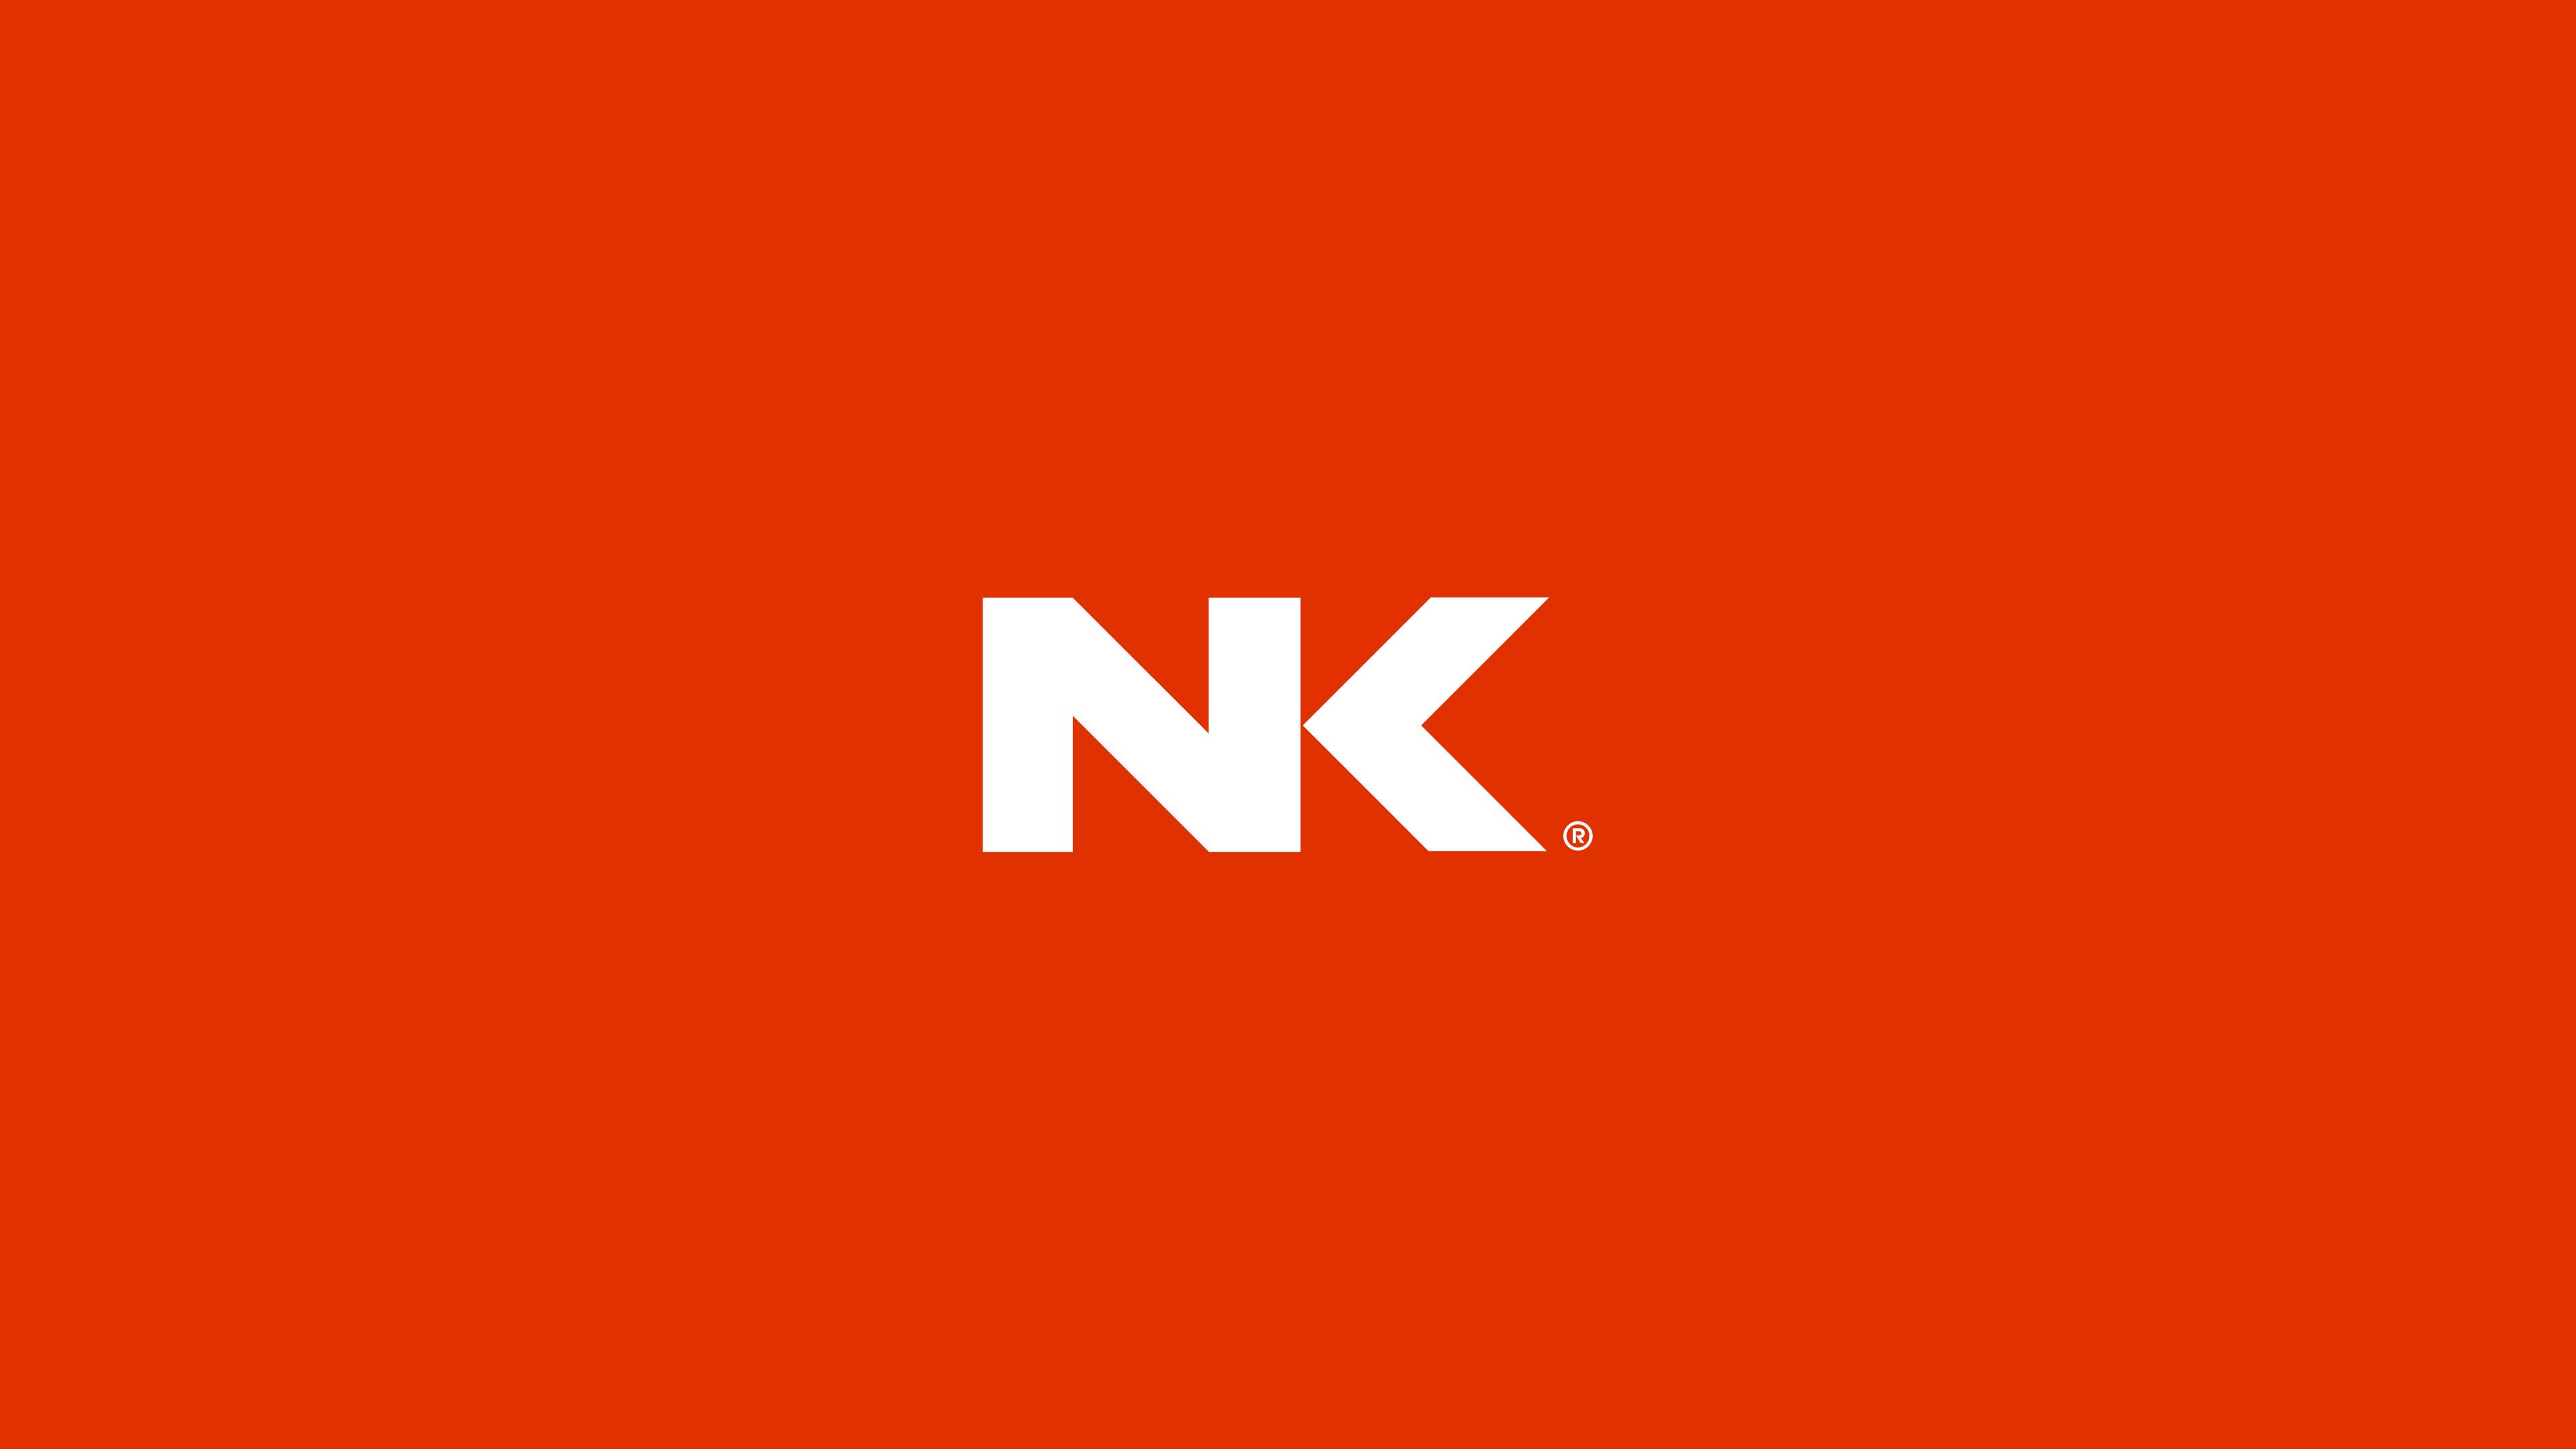 NK3@2x